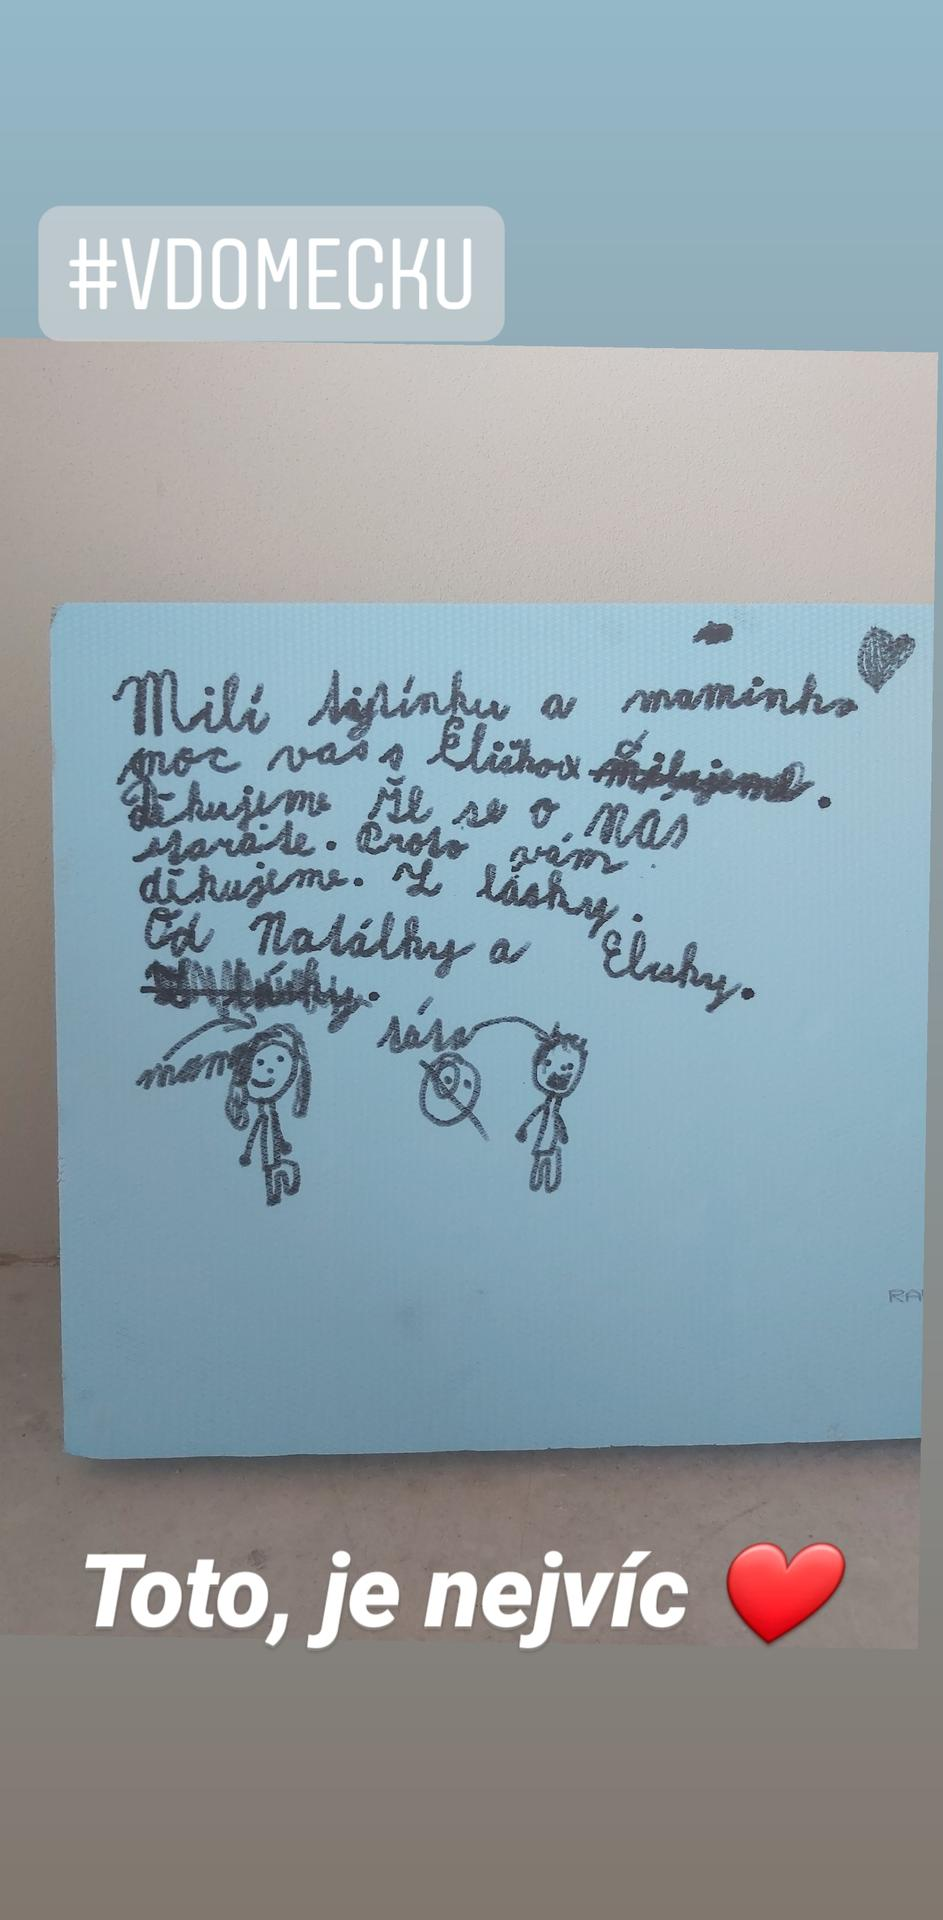 Toto je nejvíc ❤ vzkaz na stavbě od holčiček na polystyrenu! Také je už obloženo wc. Člověk má hned krásnější den a je o to víc vděčný 🙏😍. - Obrázek č. 2